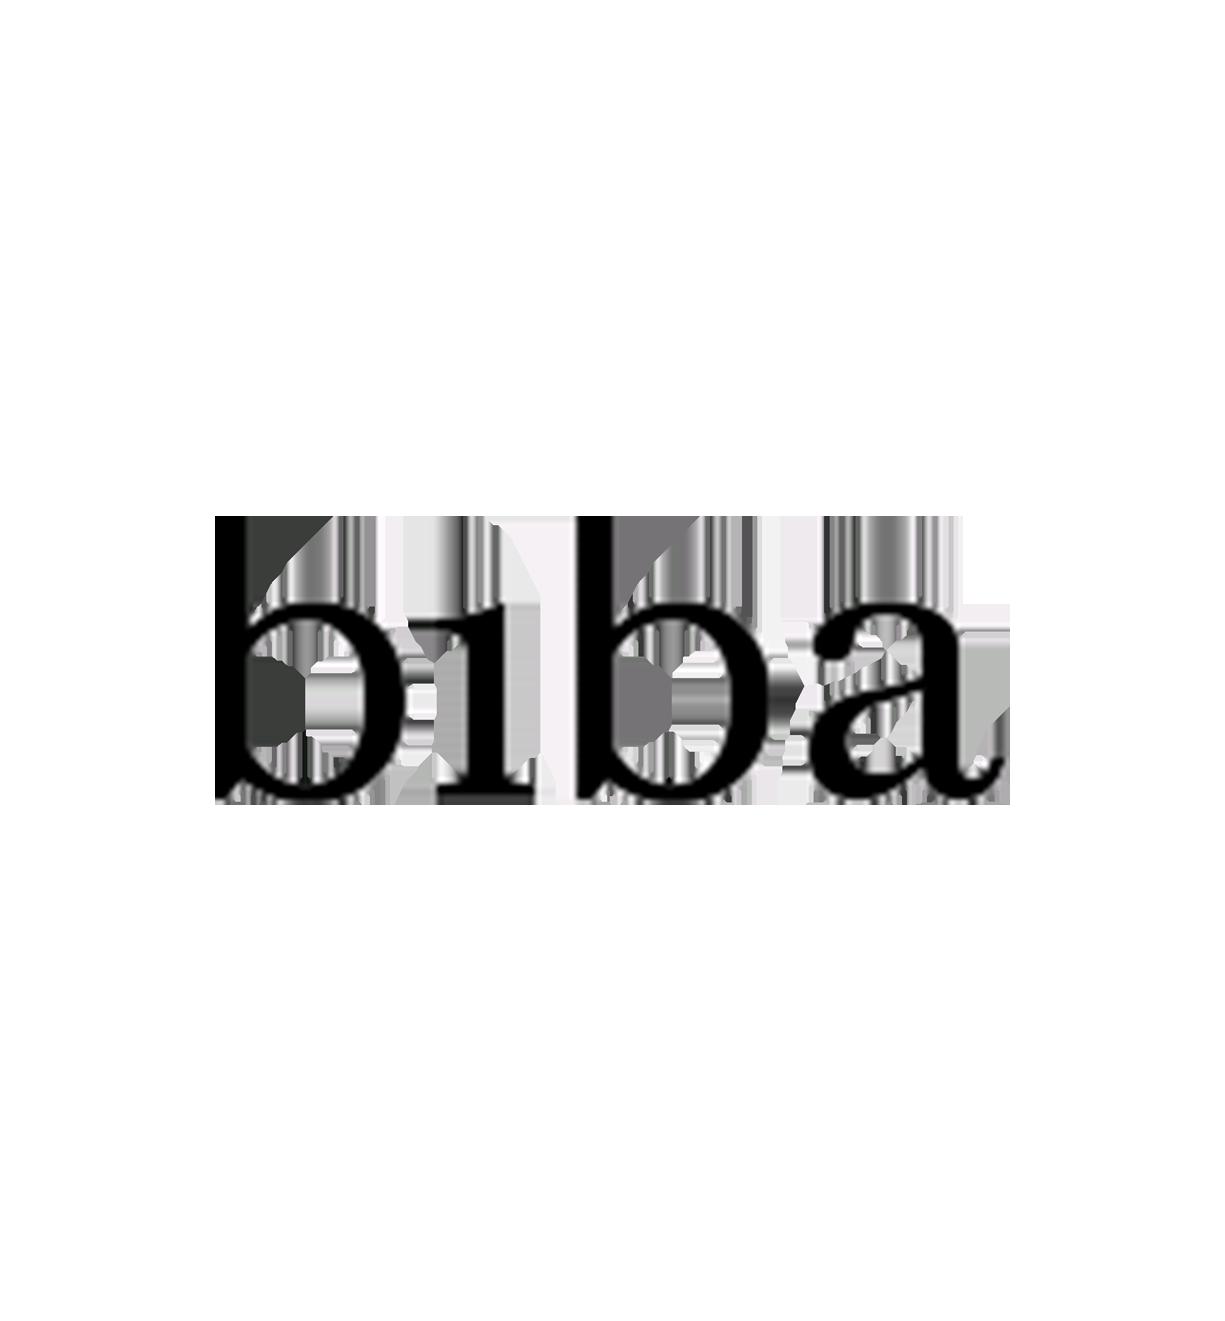 biba-box